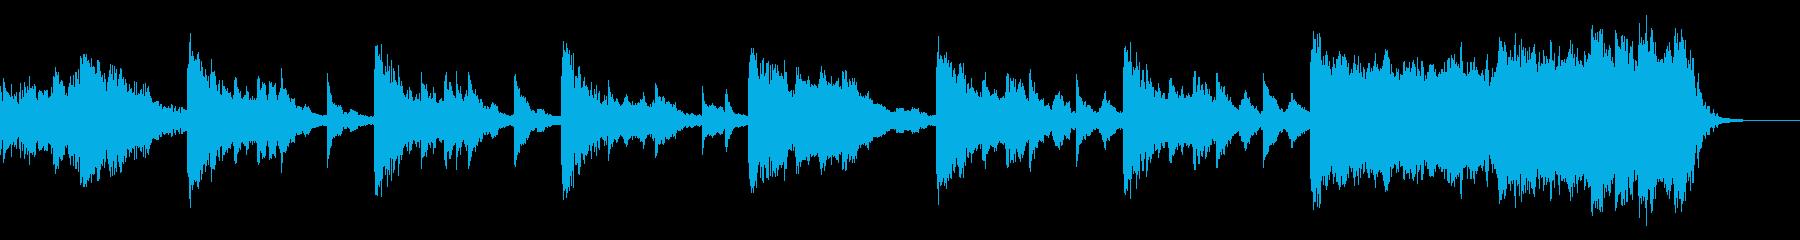 琴+太鼓+オーケストラ 雅で妖艶な和風の再生済みの波形